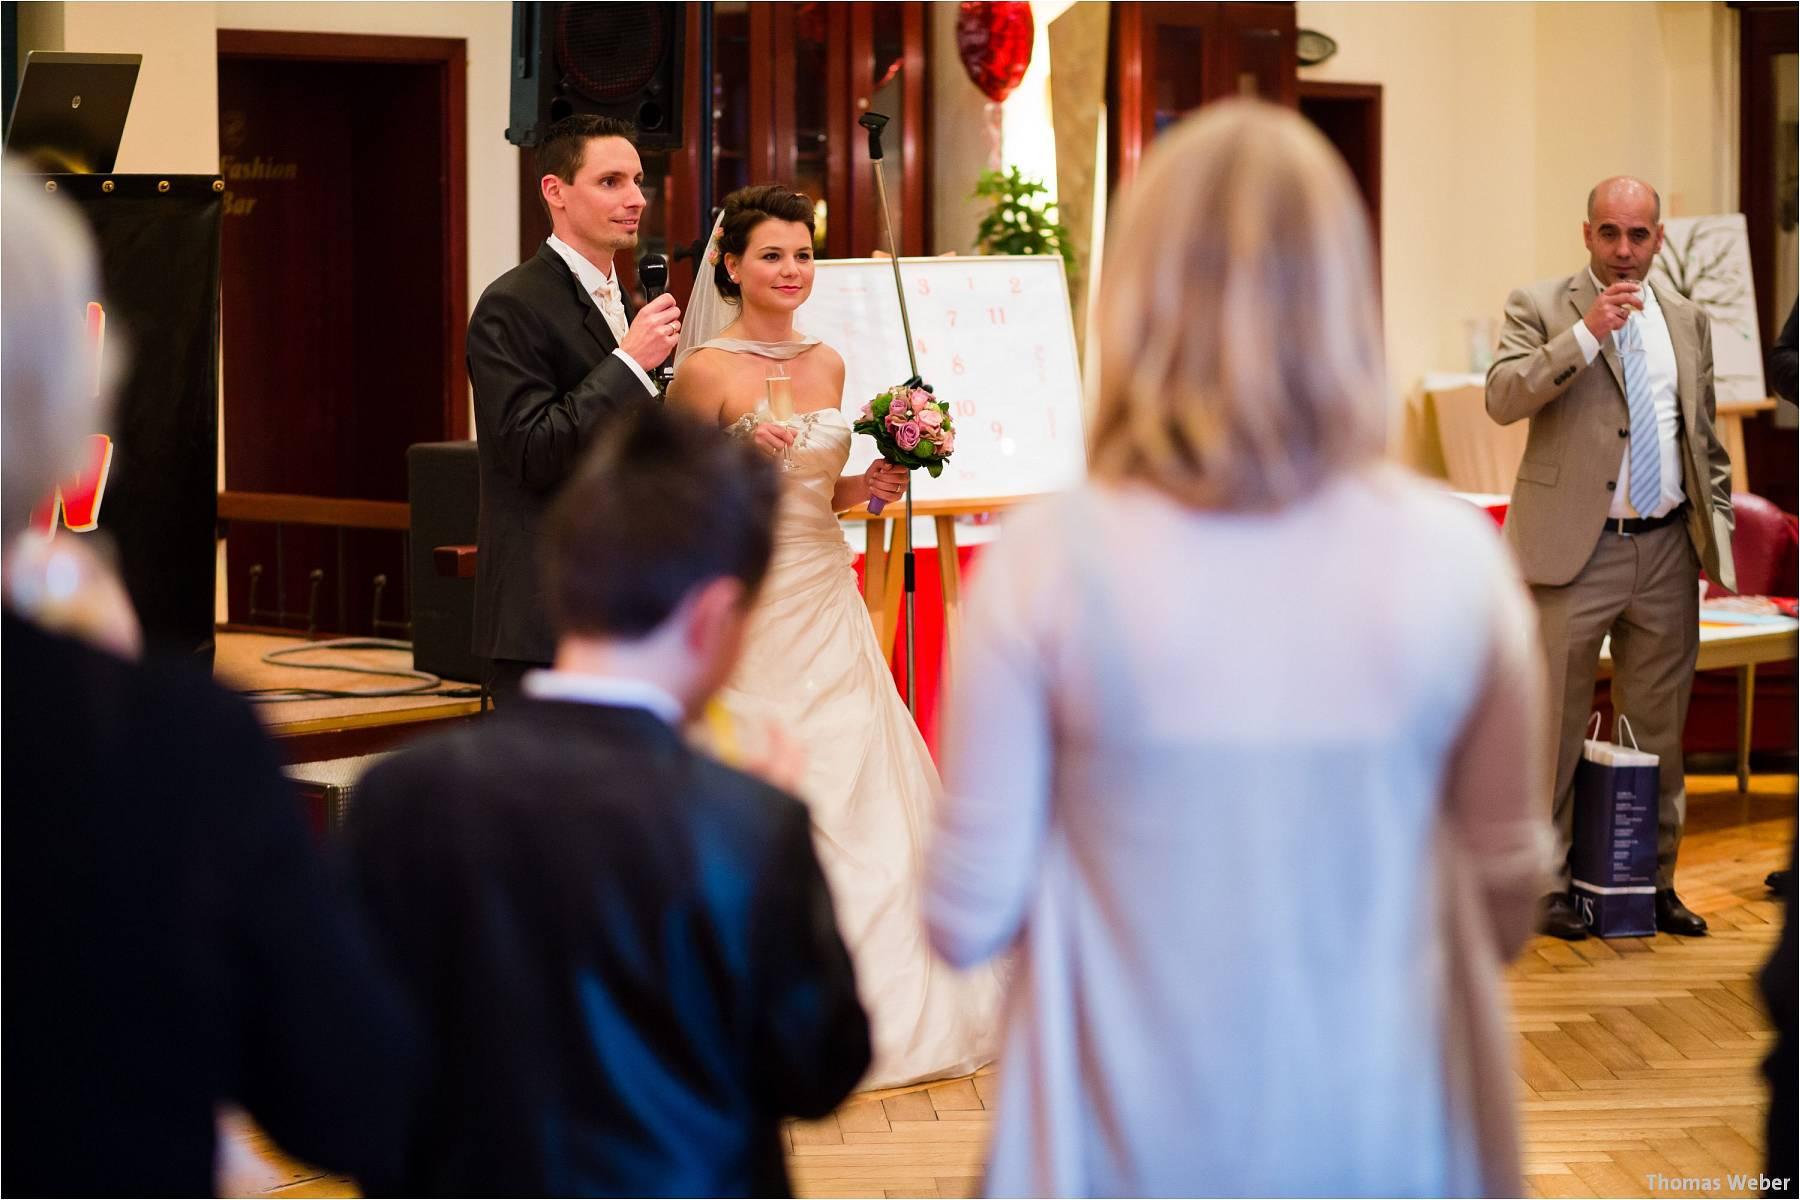 Hochzeitsfotograf Bremen: Kirchliche Trauung in der Propsteikirche St. Johann im Bremer Schnoor und Hochzeitsfeier bei Rogge Dünsen (29)